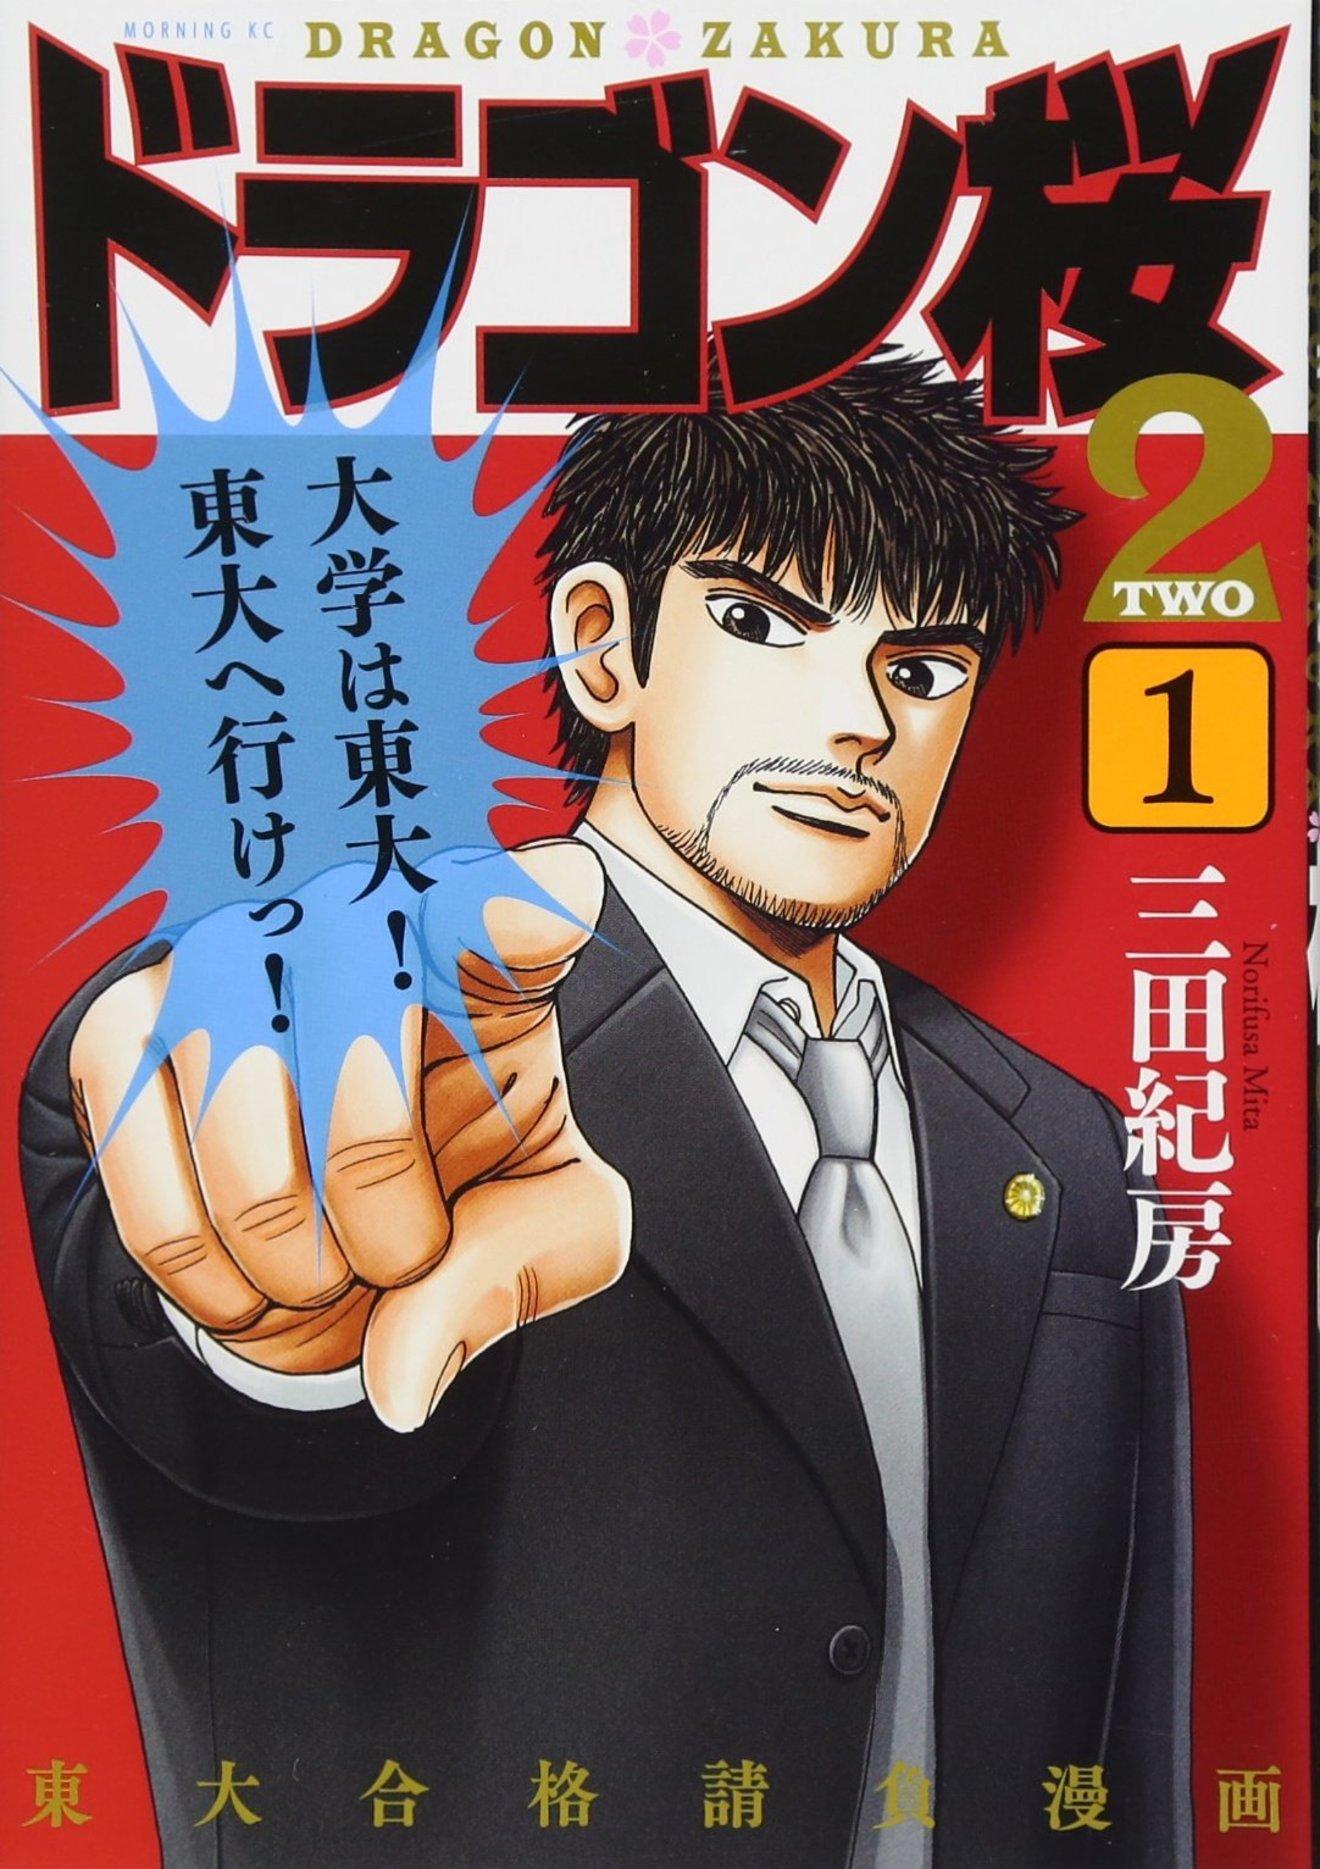 『ドラゴン桜2』全巻の見所をネタバレ紹介!あの男の続編漫画が無料で読める